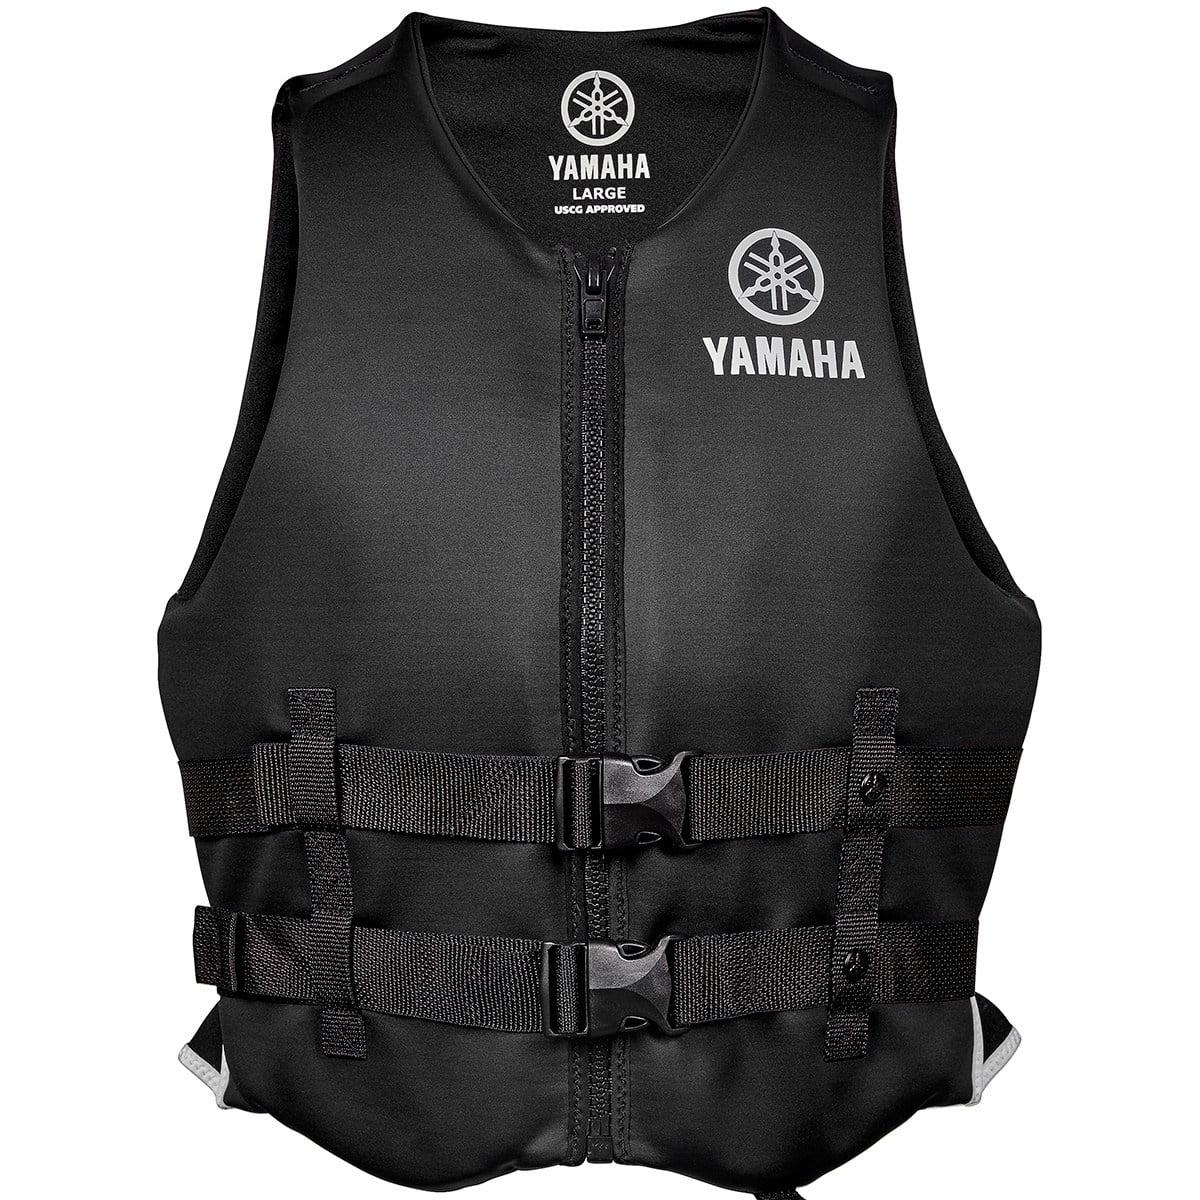 Yamaha 2016 Waverunner Value Neoprene Life Jacket Vest PFD by Yamaha